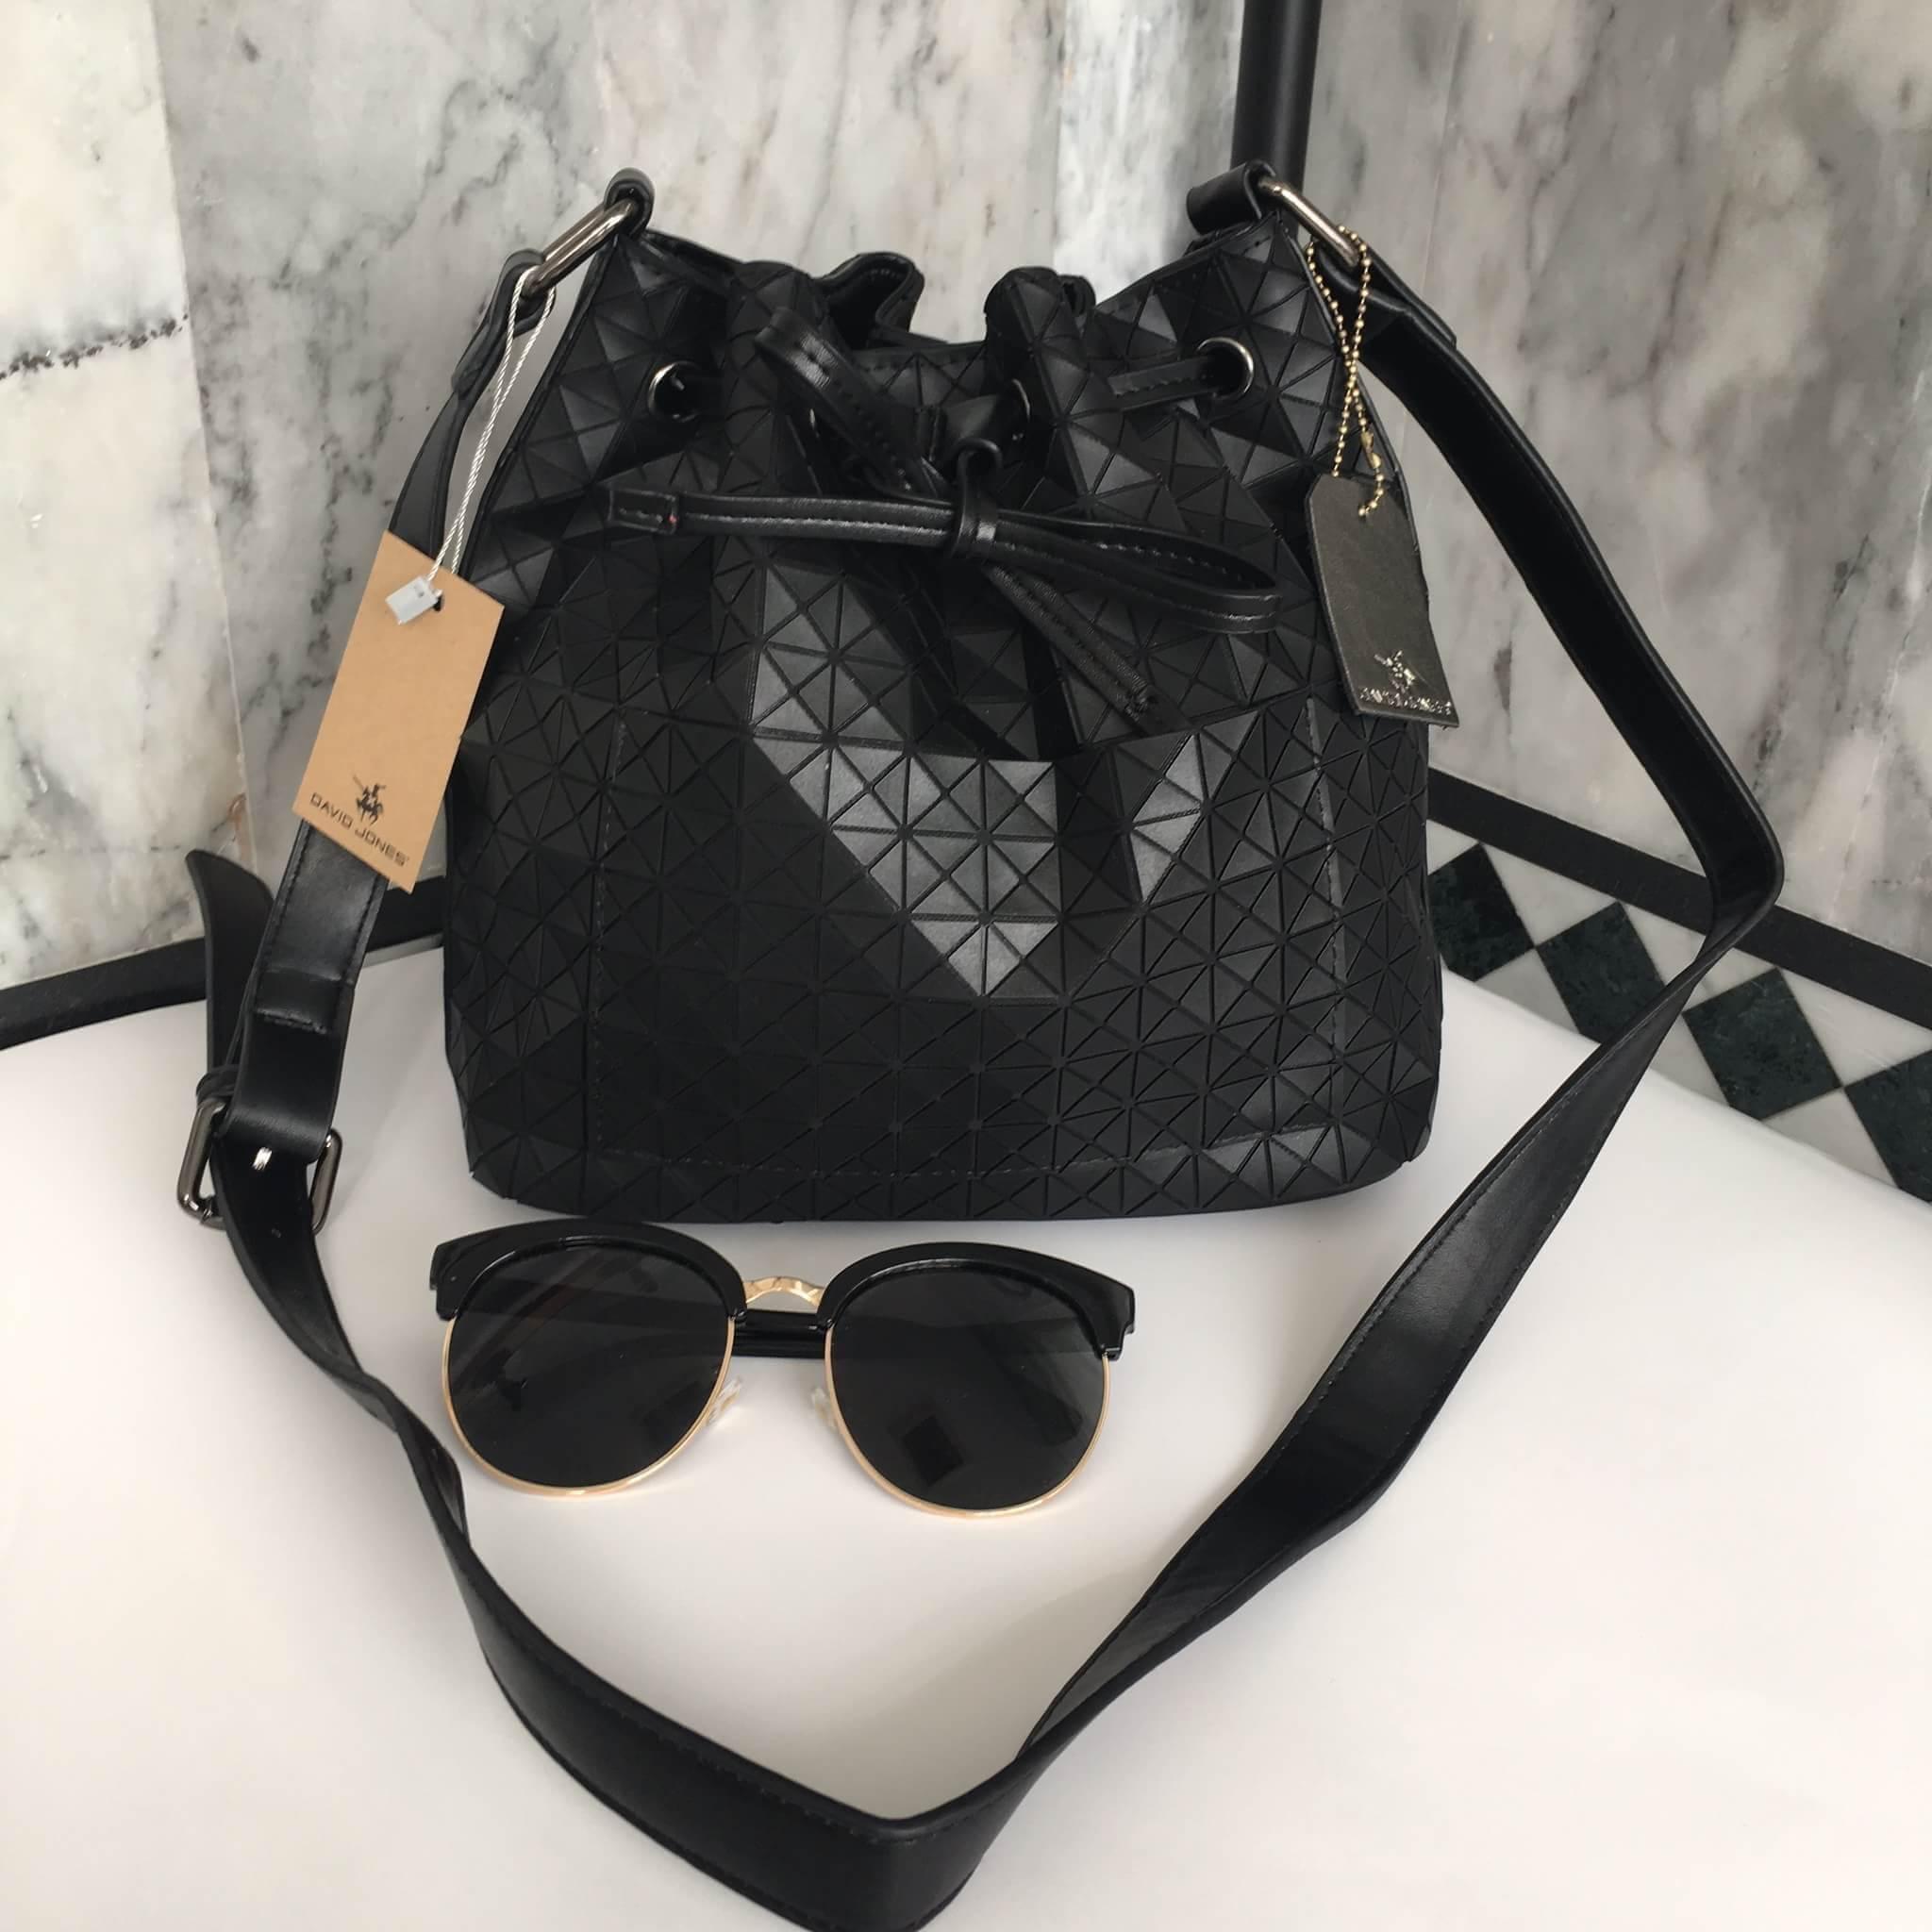 กระเป่า David Jones Bucket Leather Size L (bag) กระเป๋าสะพายข้างดีไซน์เกร๋มาก สีดำสวยมาก chic